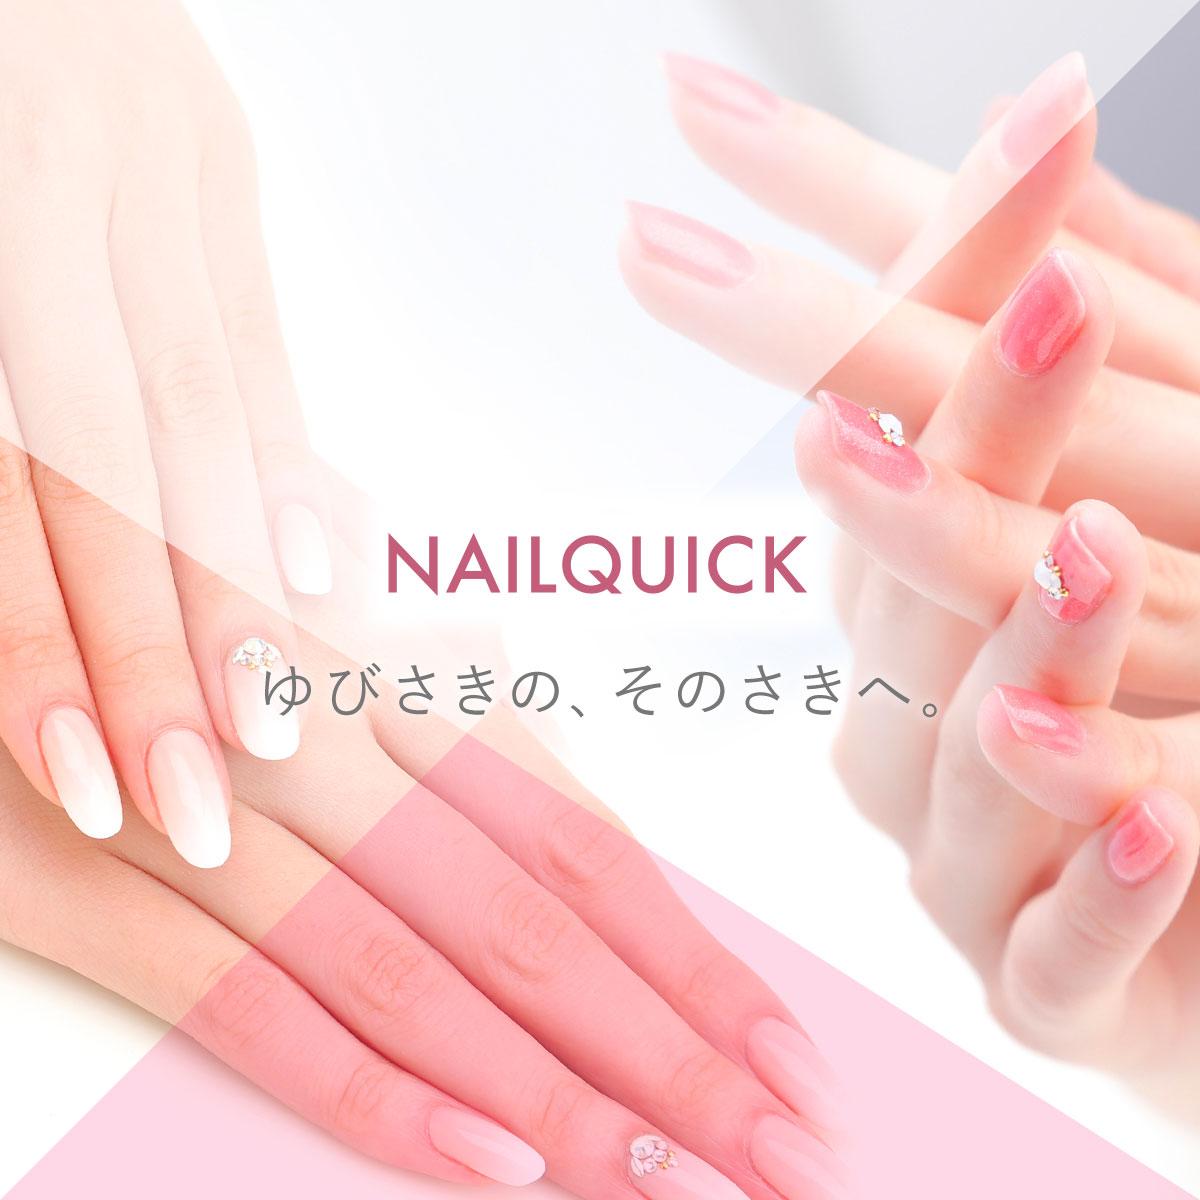 Nail Quick English